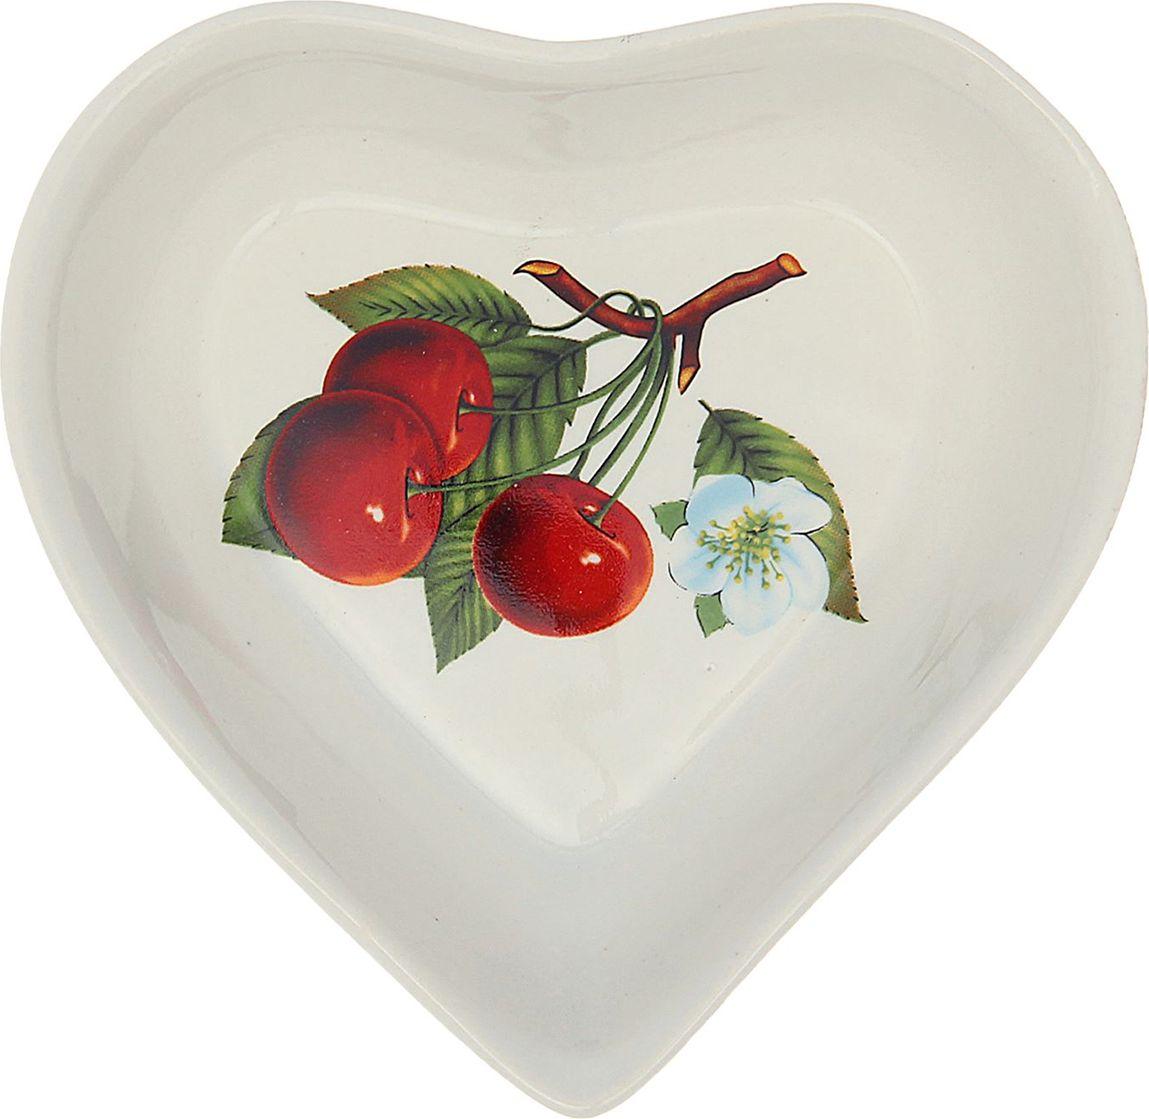 """Салатник Керамика ручной работы """"Сердце. Вишня"""" понравится любителям вкусной и полезной домашней пищи. Такая посуда практична и красива, в ней можно  хранить и подавать разнообразные блюда. При многократном использовании изделие сохранит свой вид и выдержит мытьё в посудомоечной  машине. В керамической ёмкости горячая пища долго сохраняет своё тепло, остуженные блюда остаются прохладными. Изделие не выделяет вредных веществ при нагревании и длительном хранении за счёт экологичности материала. Блюда, поданные в такой  посуде, выглядят привлекательно и аппетитно."""